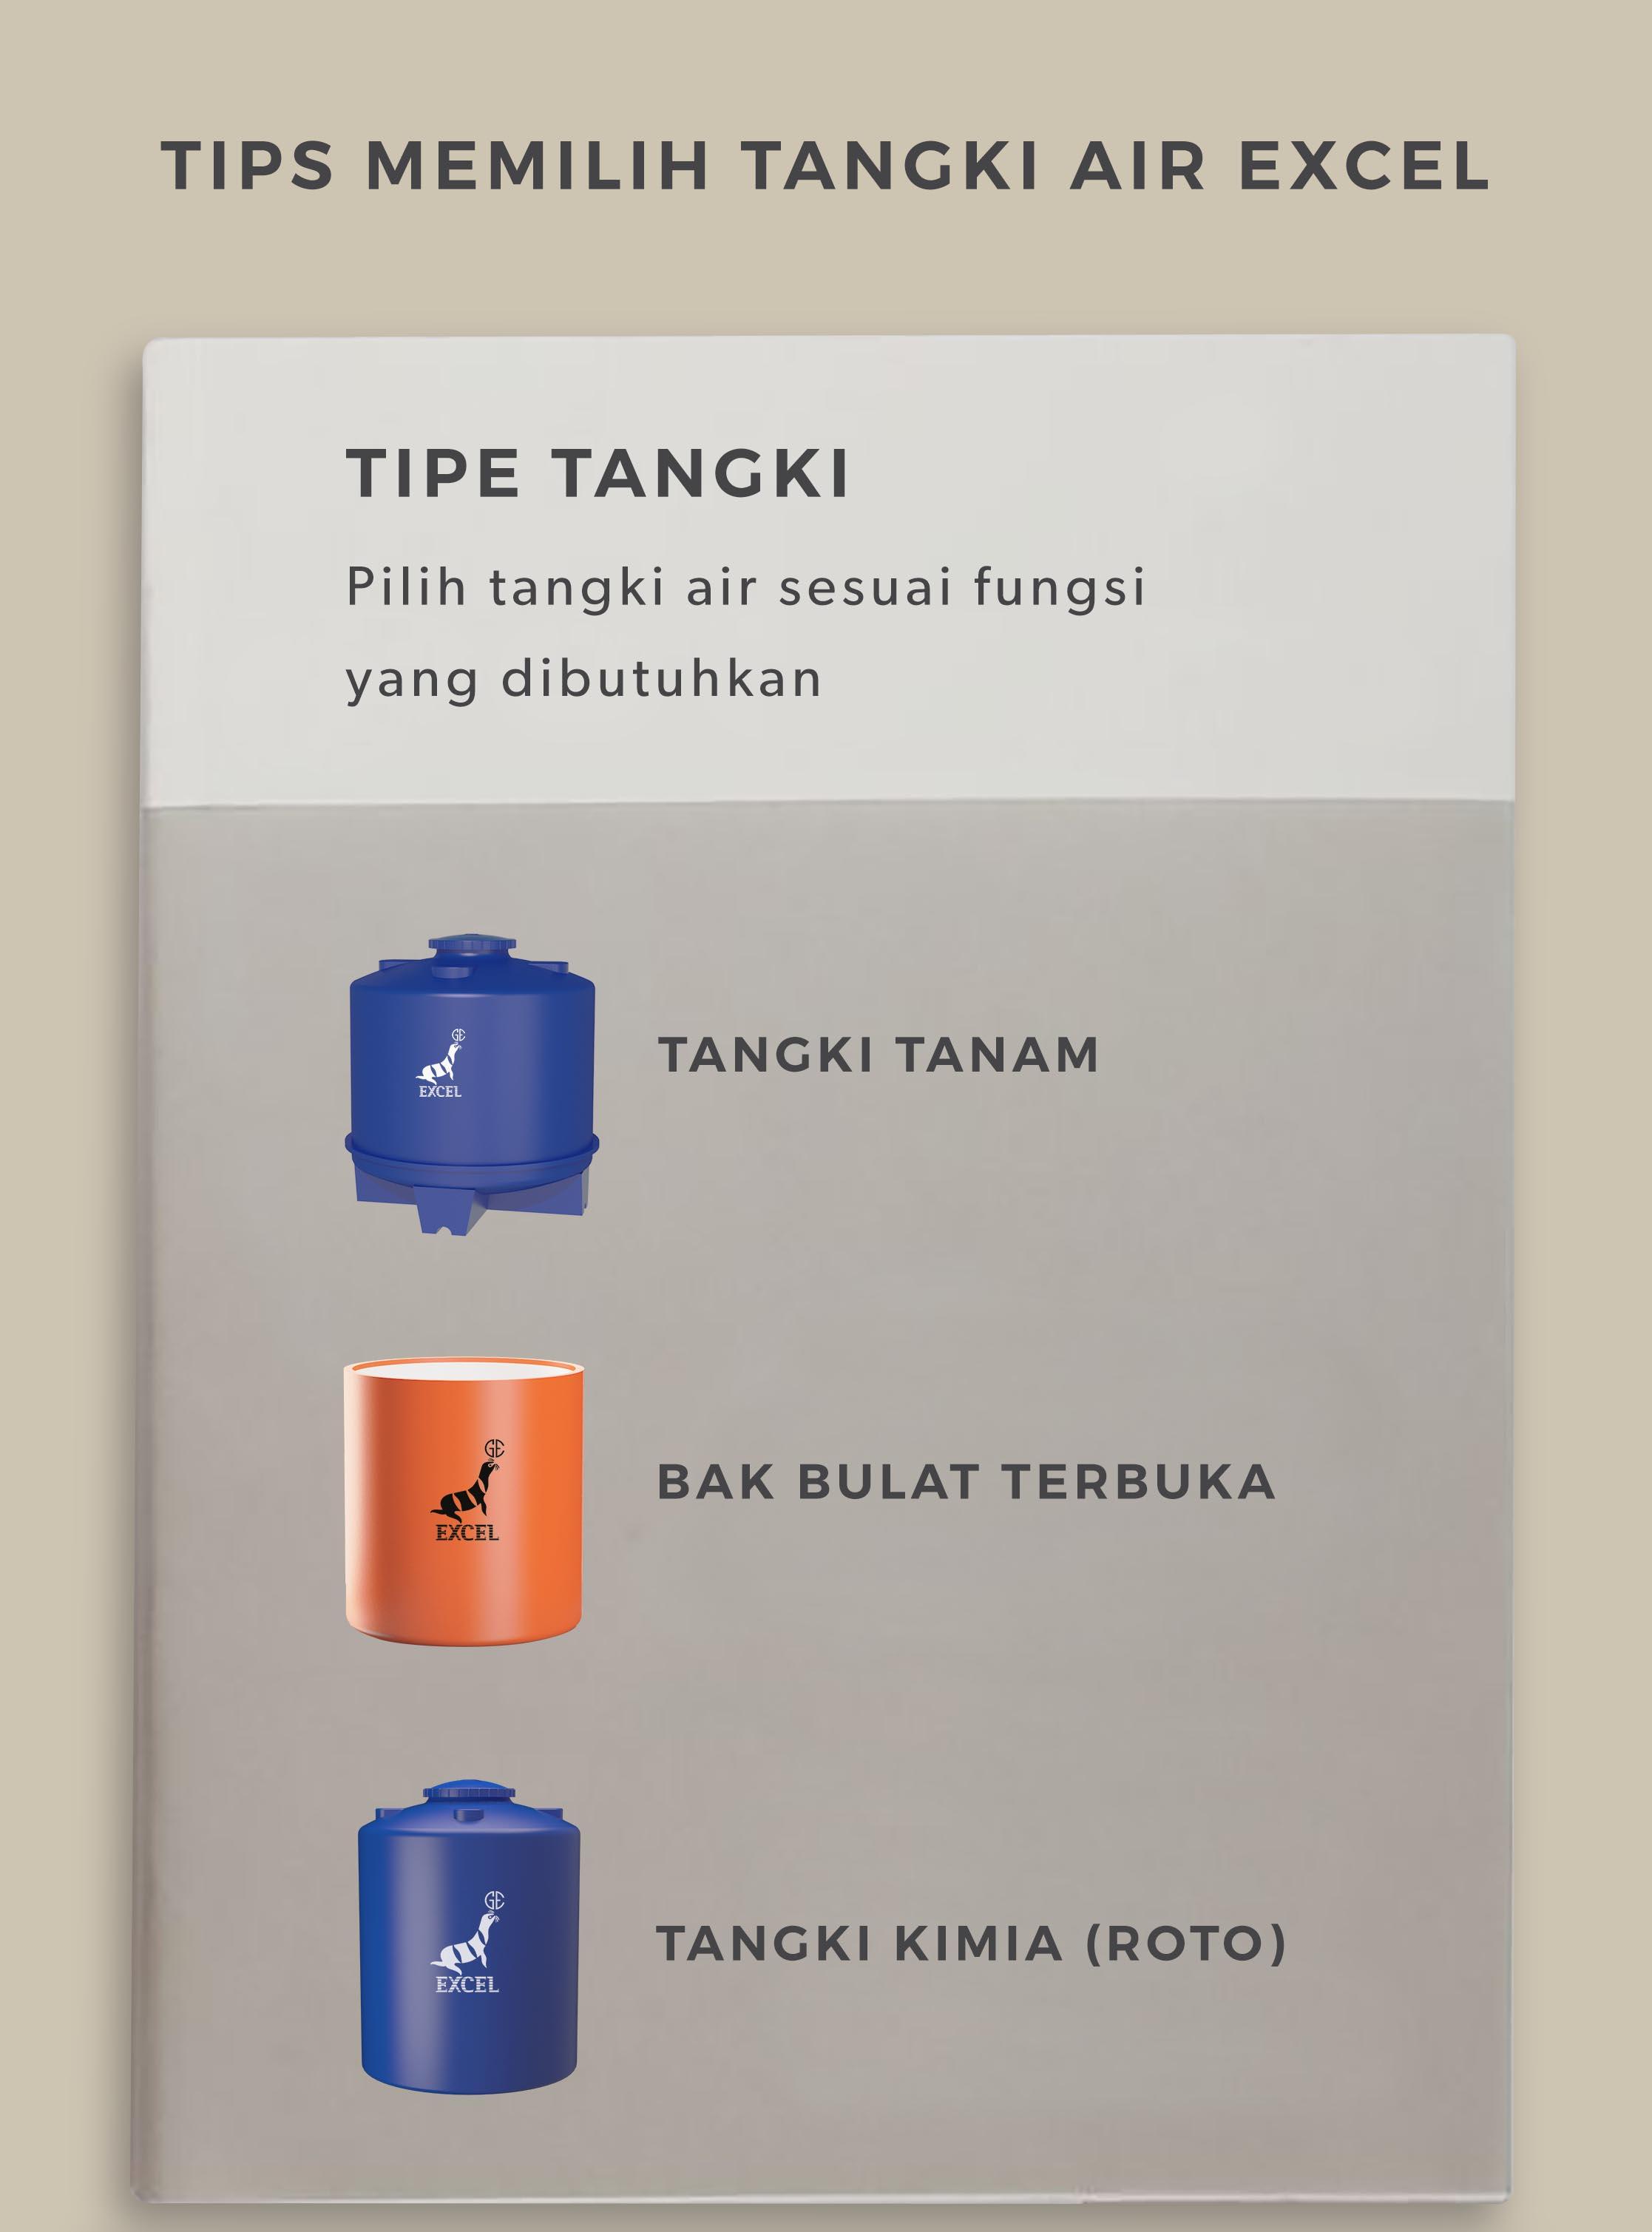 Tipe Tangki - Pilih Tangki Air Sesuai Fungsi yang Dibutuhkan